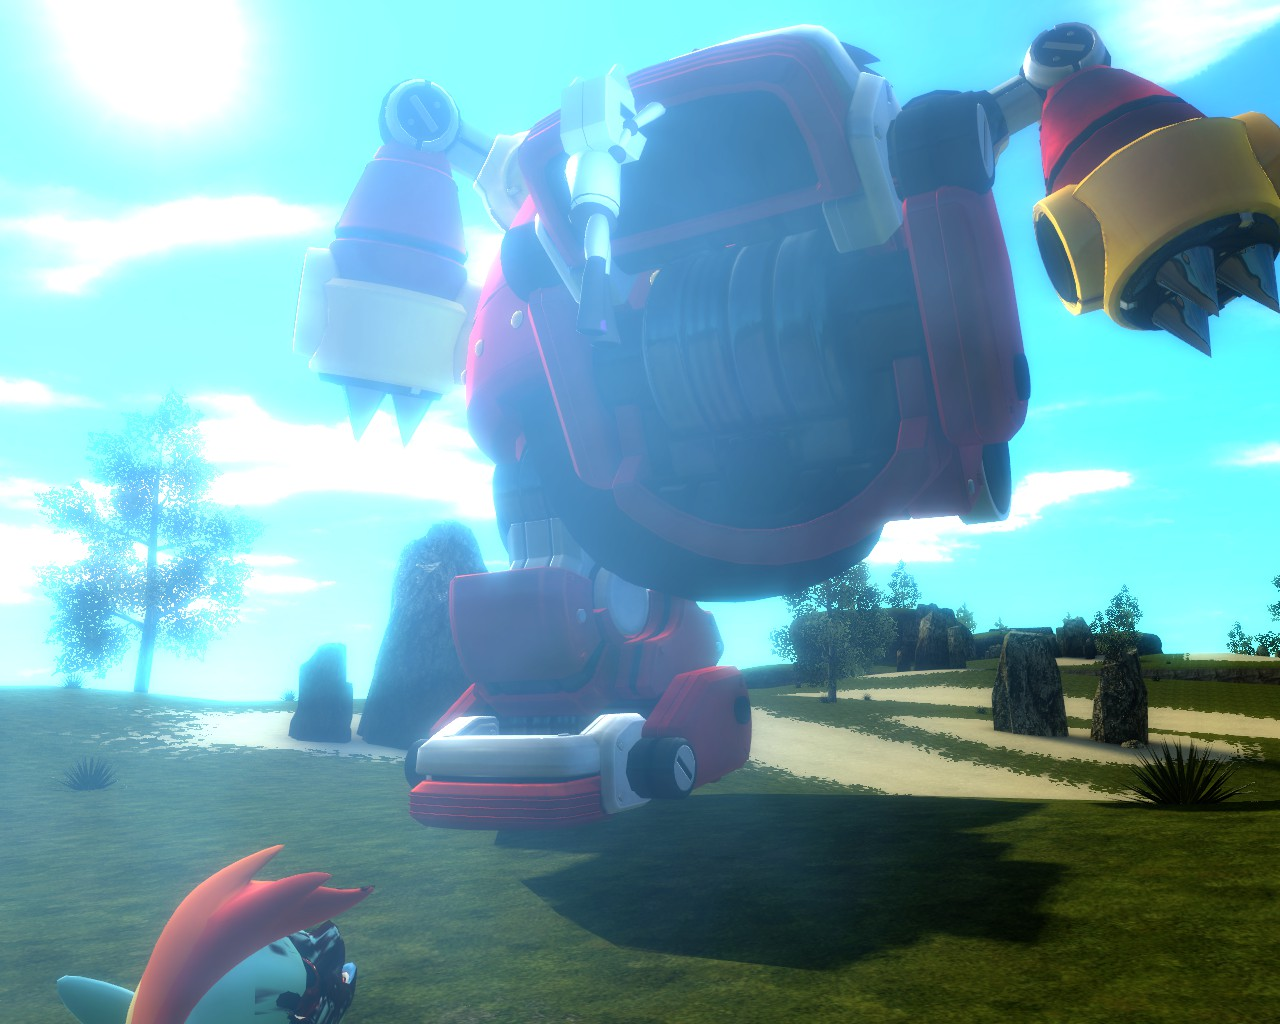 2013-06-05_00009.jpg - Half-Life 2 Gmod